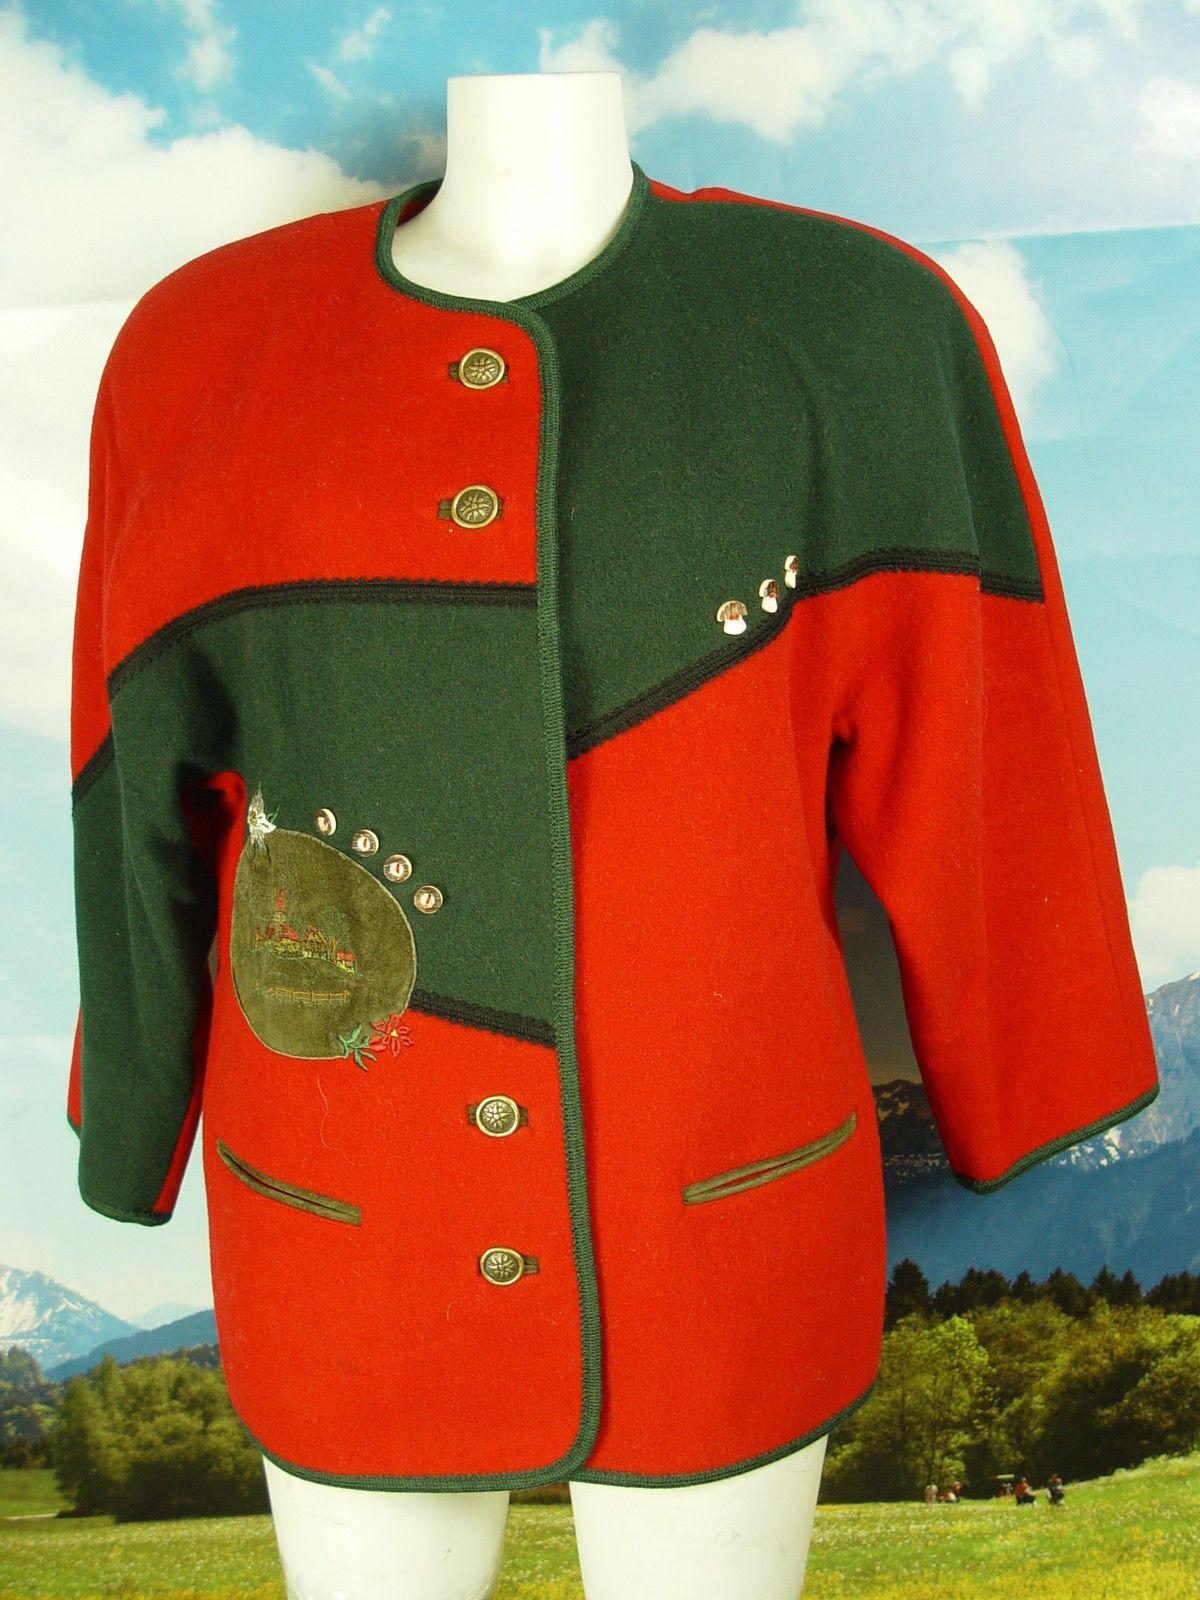 aus Salzburg mit kurzen Ärmeln wunderschöne Walkjacke Jacke Trachtenjacke Gr.40